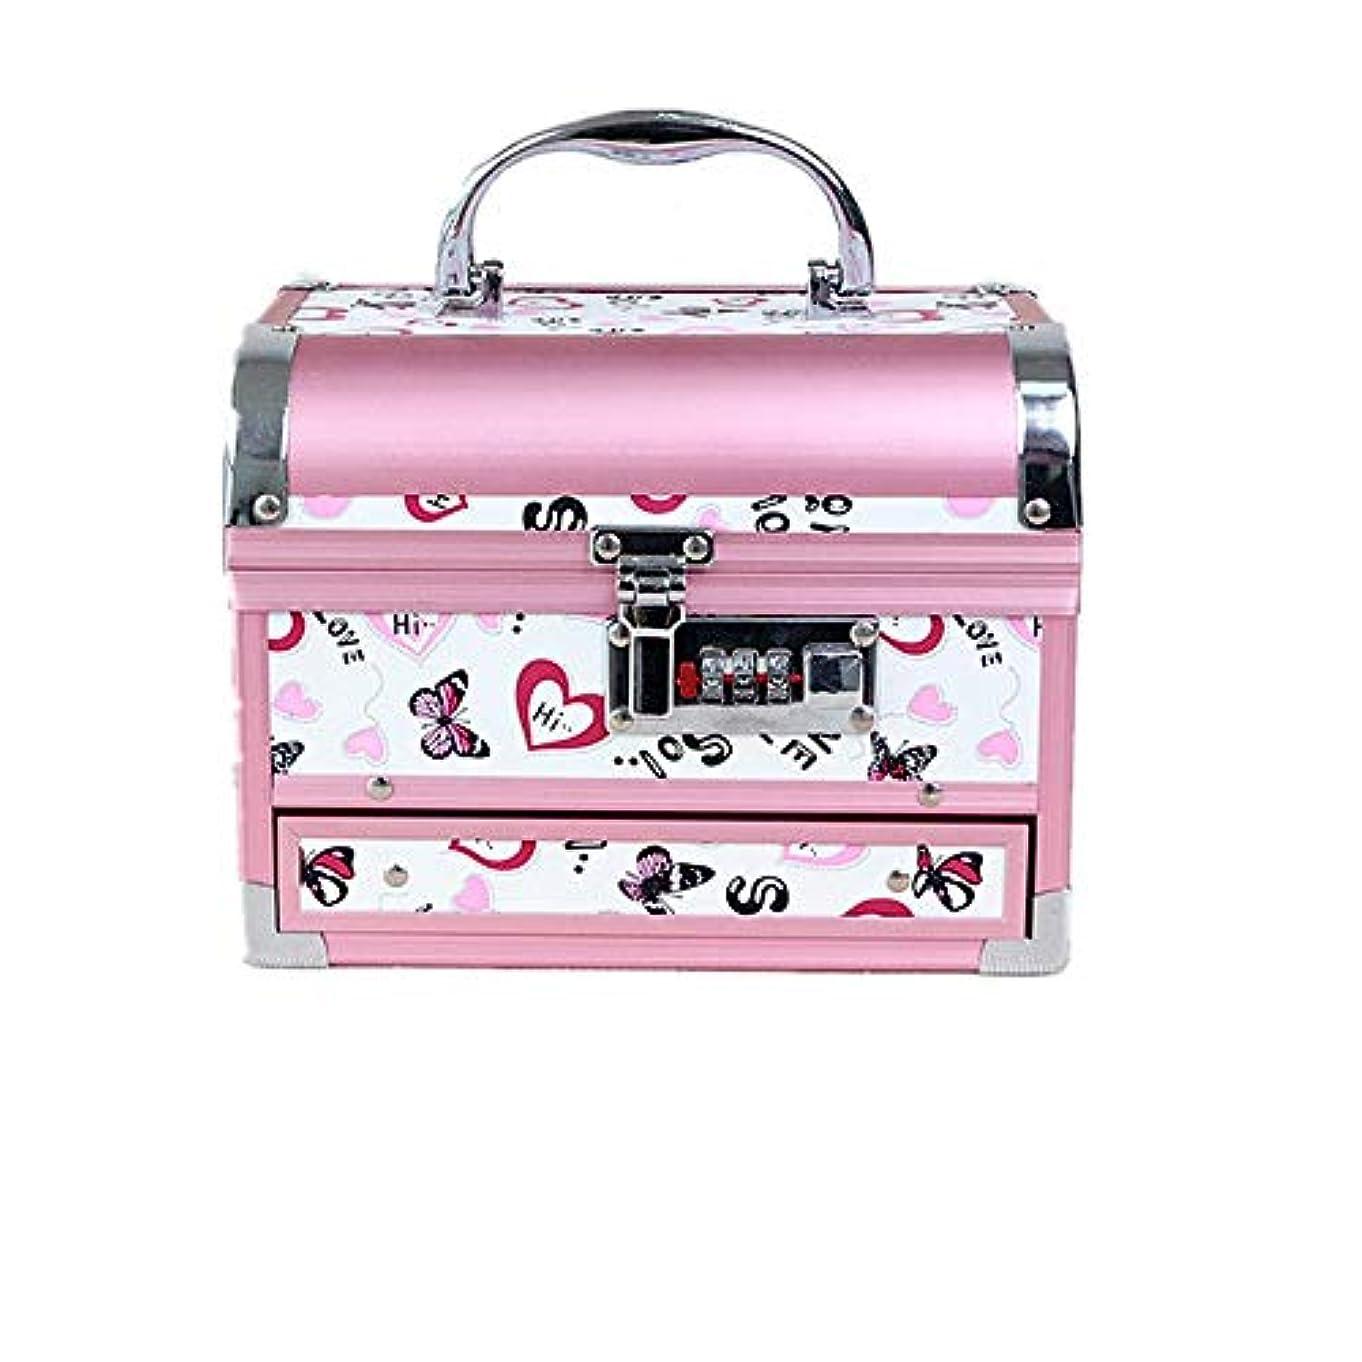 野菜連帯販売計画化粧オーガナイザーバッグ かわいいパターンポータブル化粧品ケーストラベルアクセサリーシャンプーボディウォッシュパーソナルアイテムストレージロックと拡張トレイ 化粧品ケース